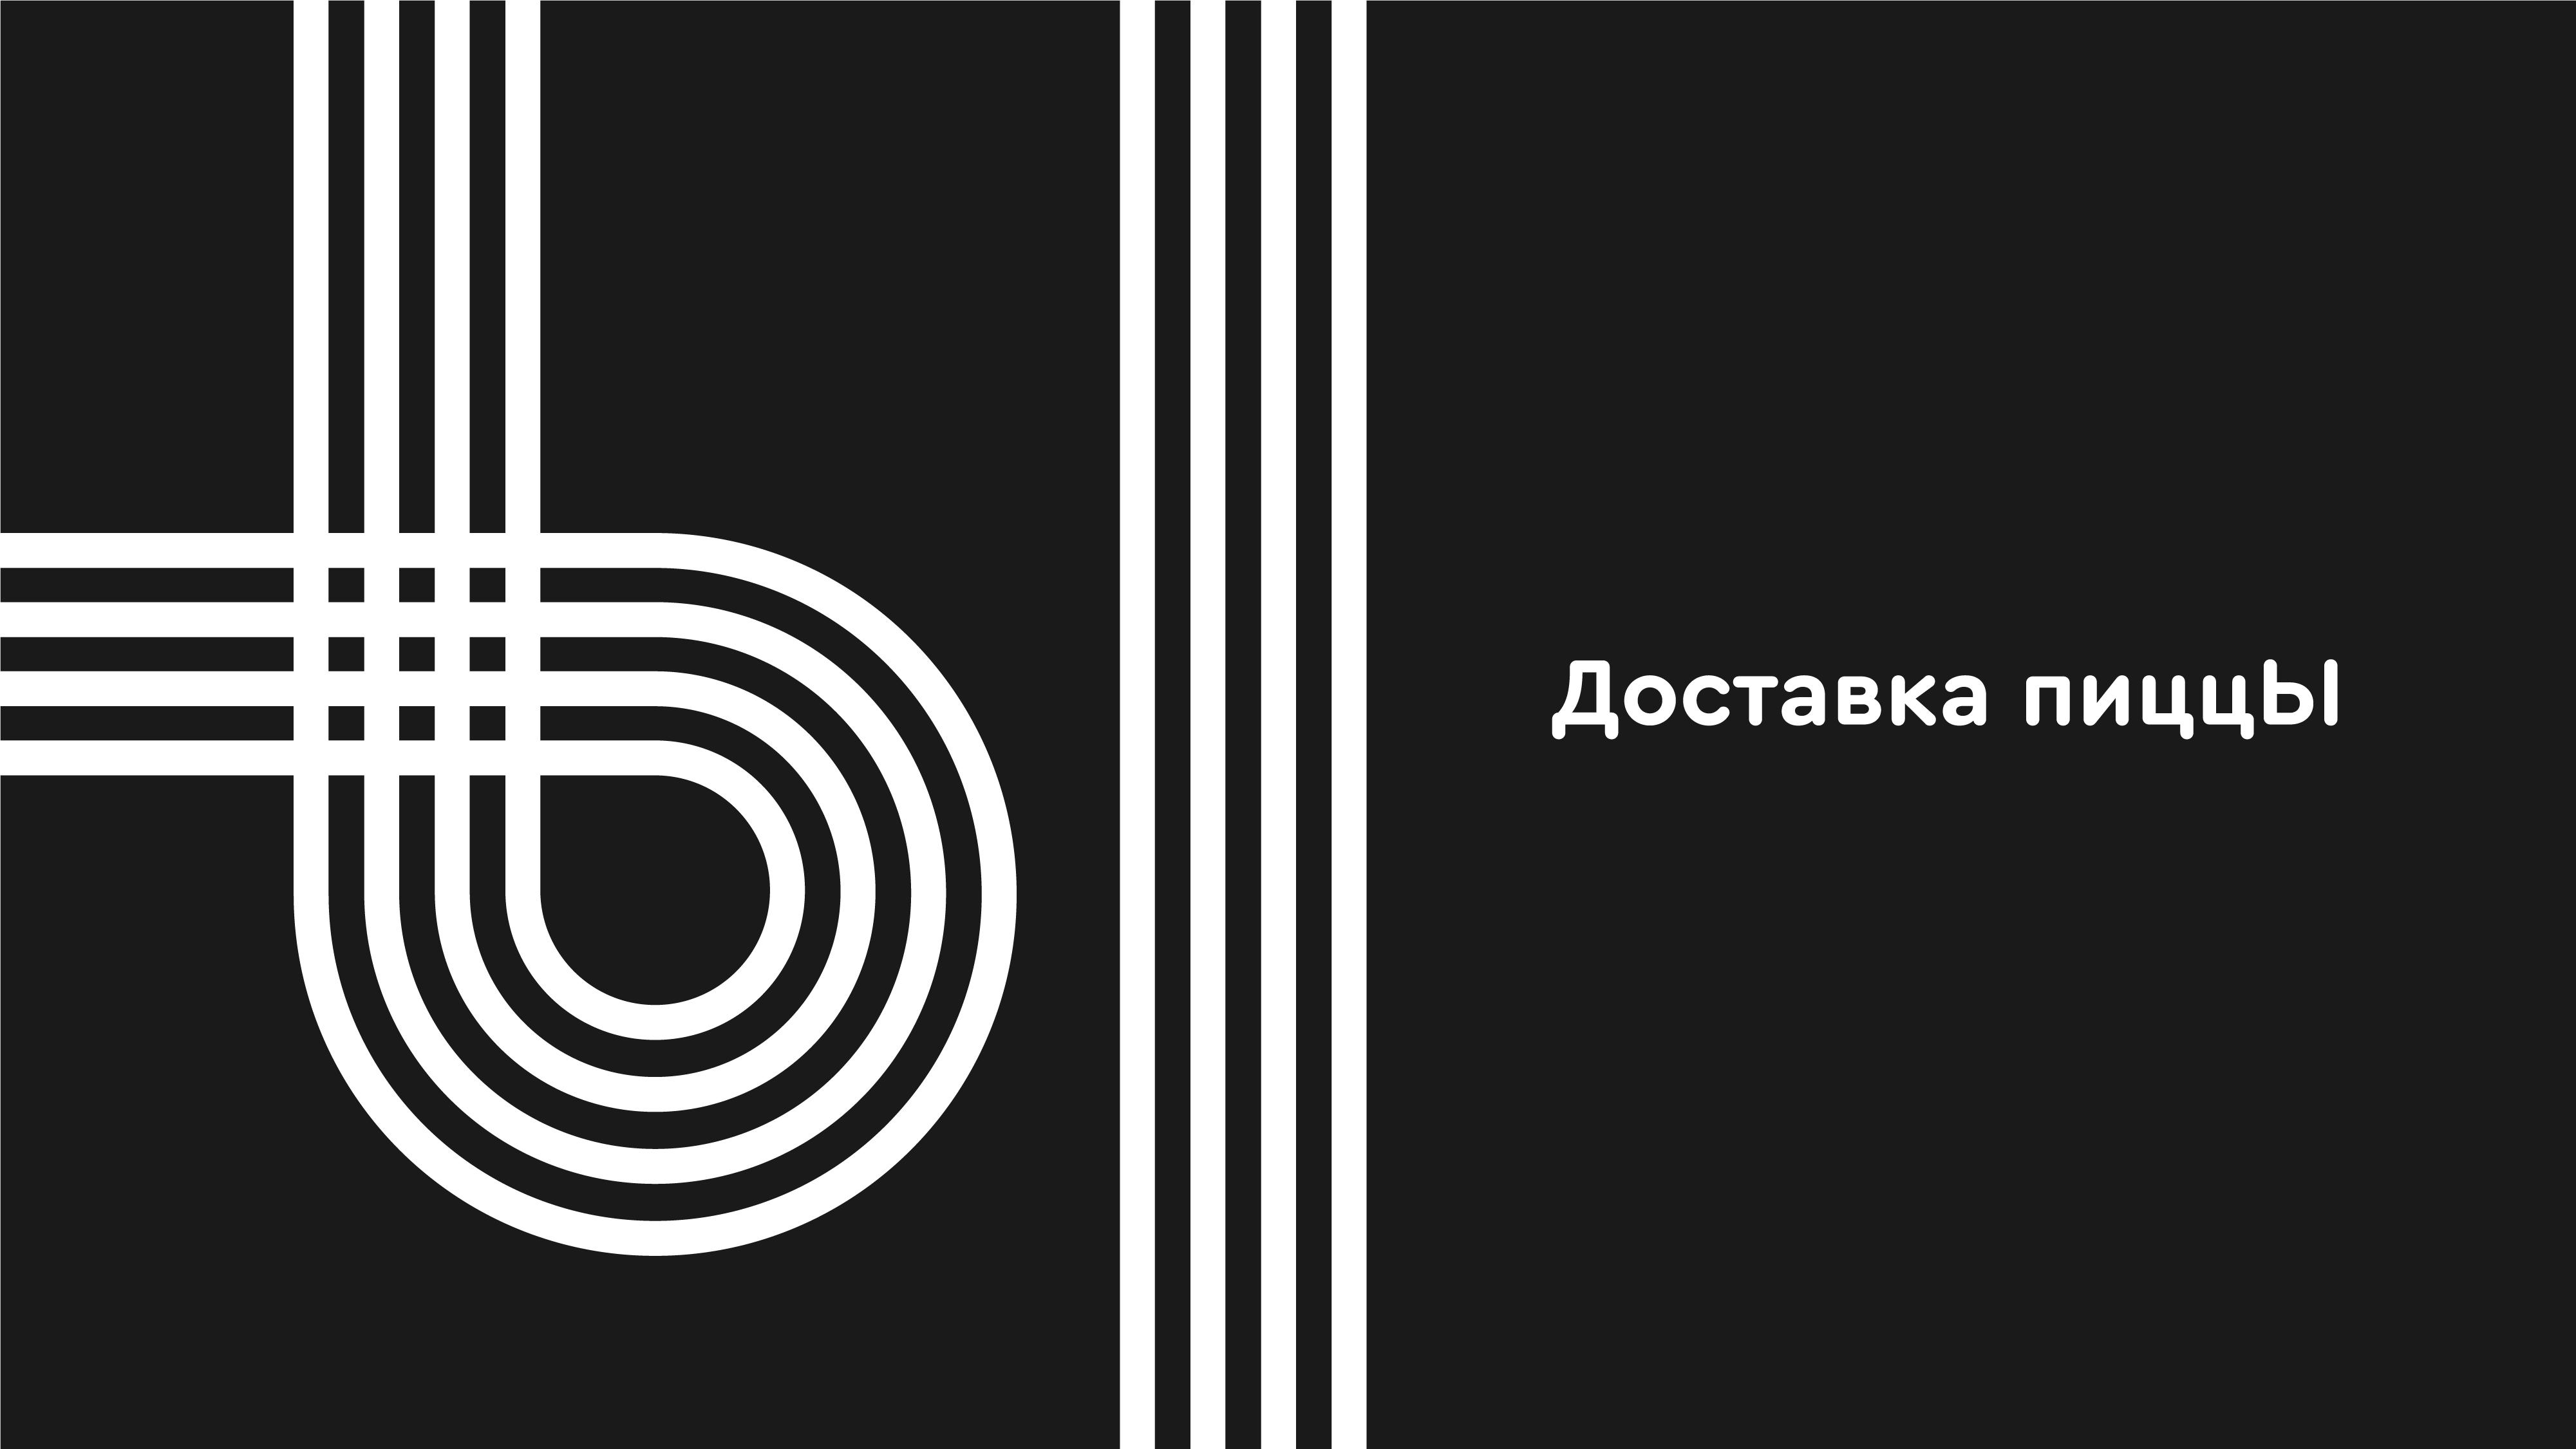 Разыскивается дизайнер для разработки лого службы доставки фото f_9795c37201784d61.png